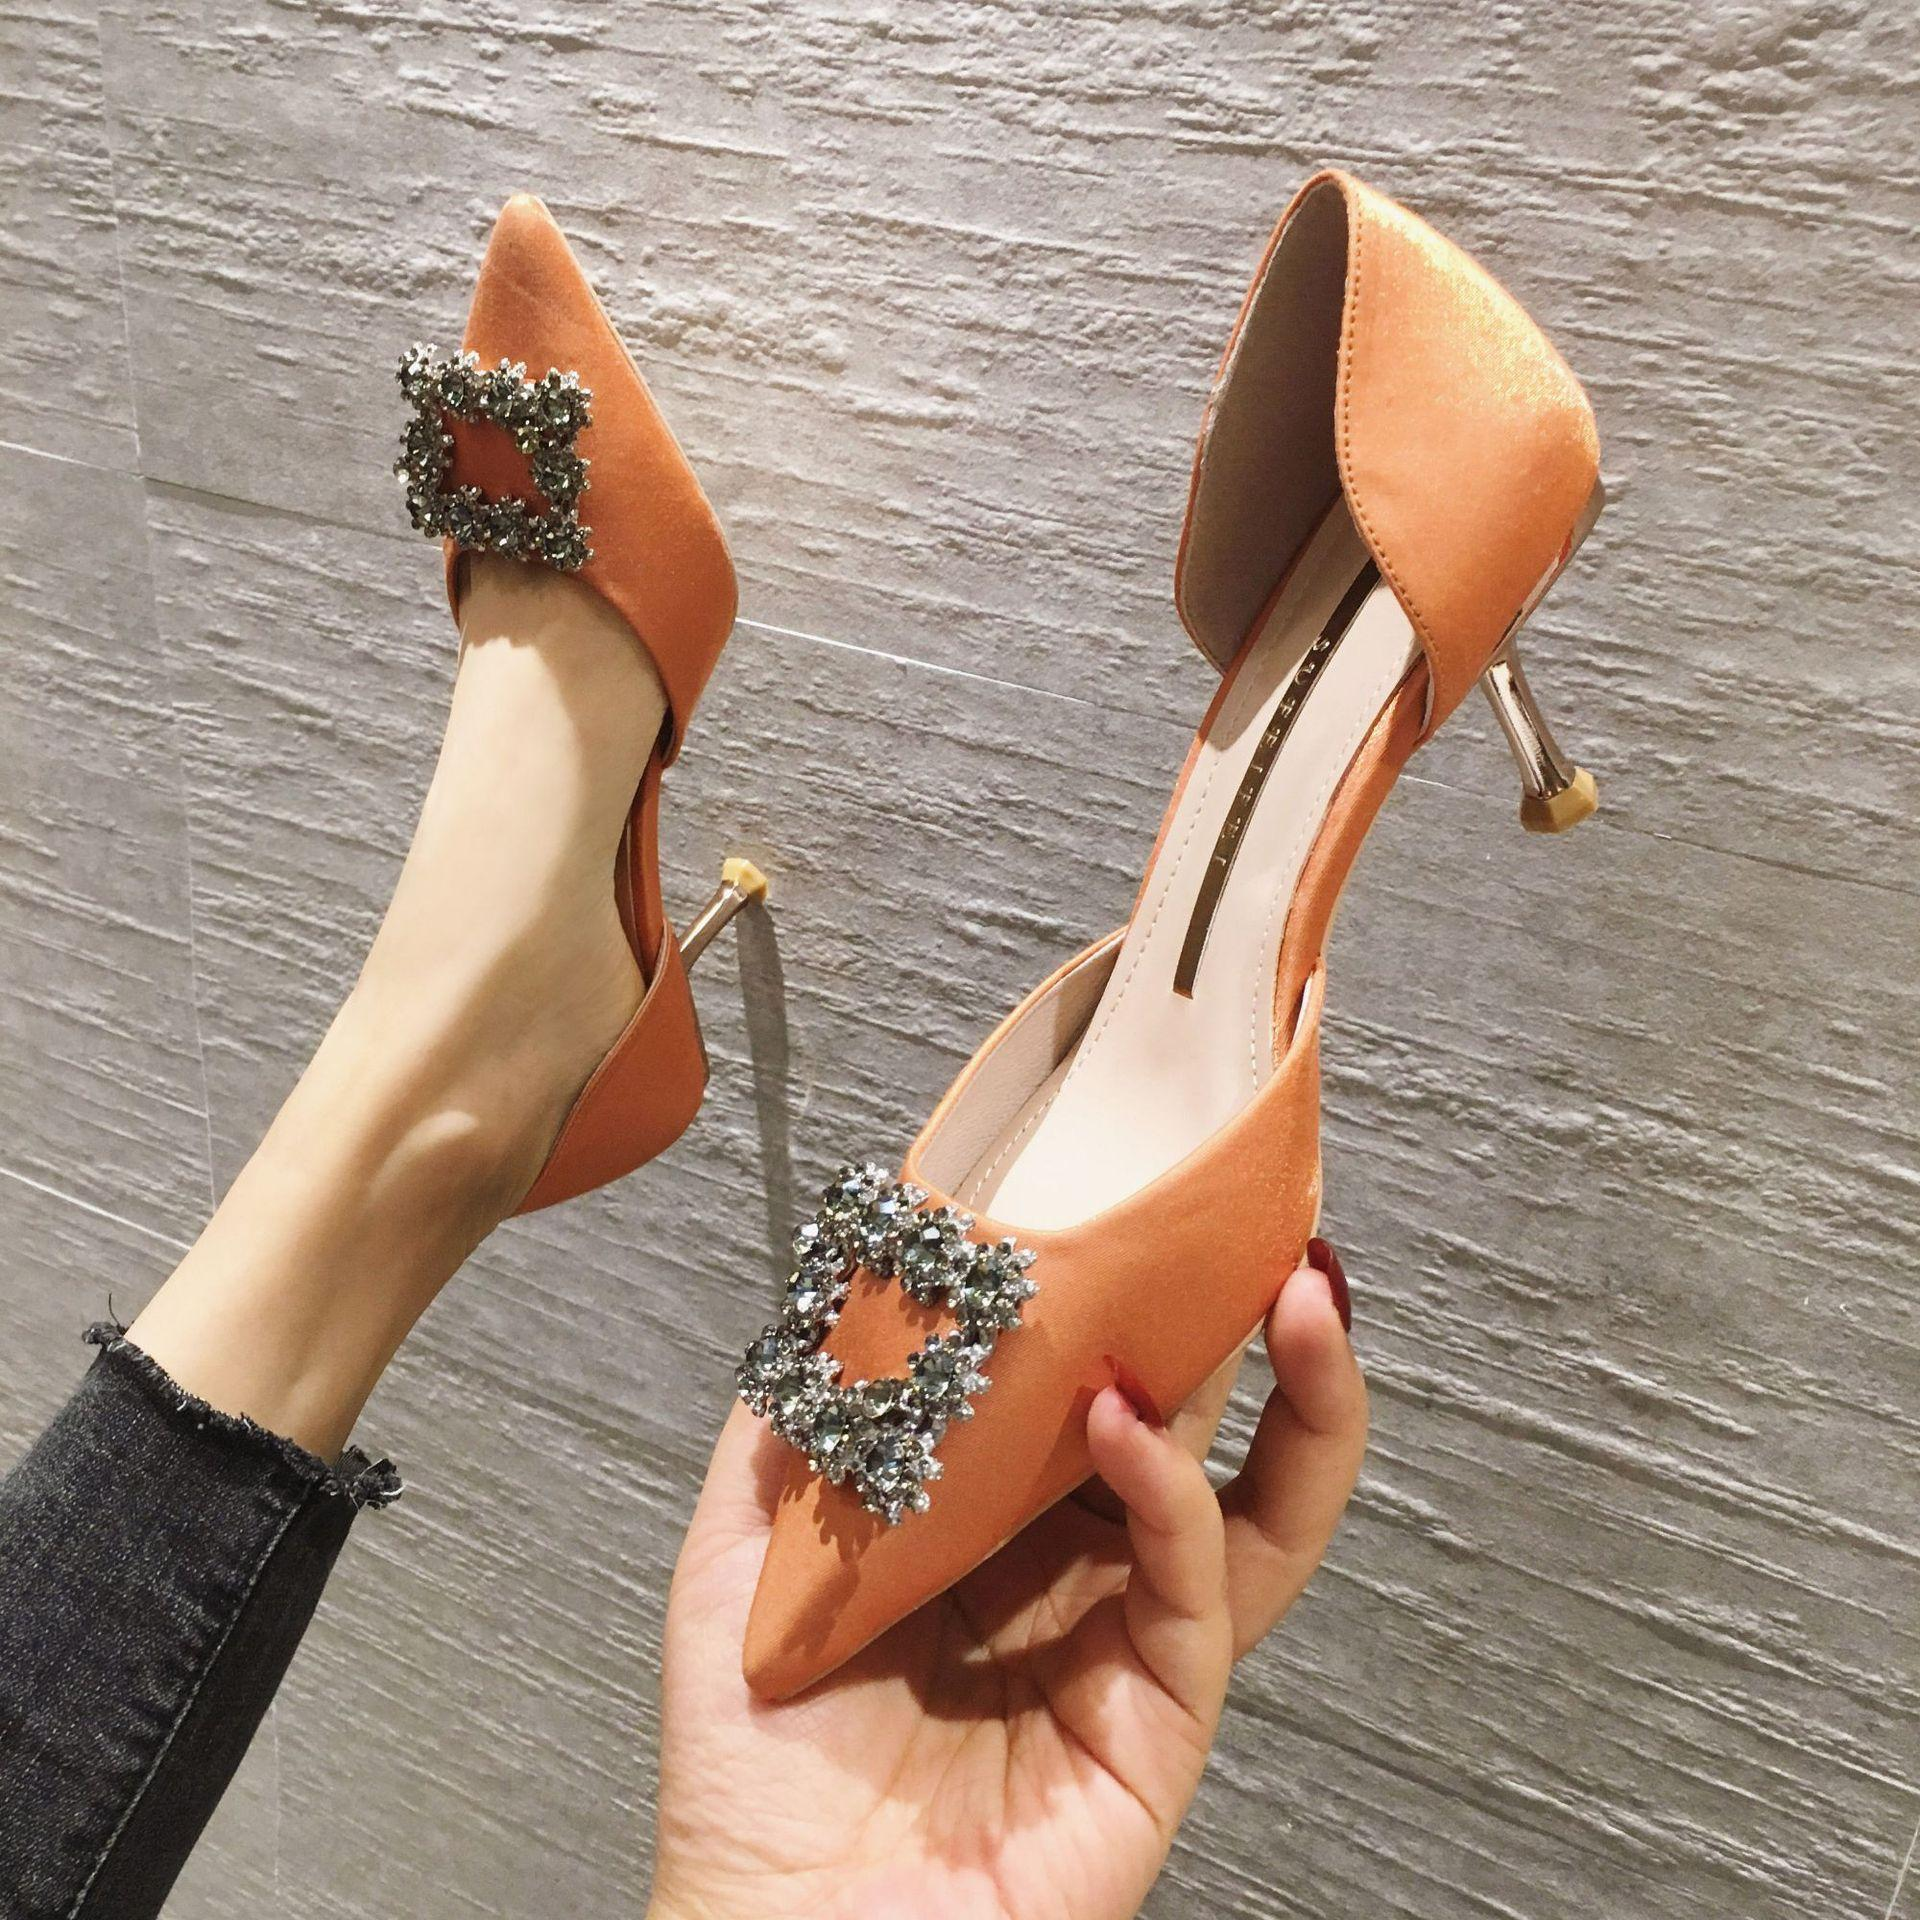 Chaussures de mariage de mariée design Mode pointue silencieux cristal mince talon talon talon talon haut talon chaussures noires pompes de sandale orange noir 2020